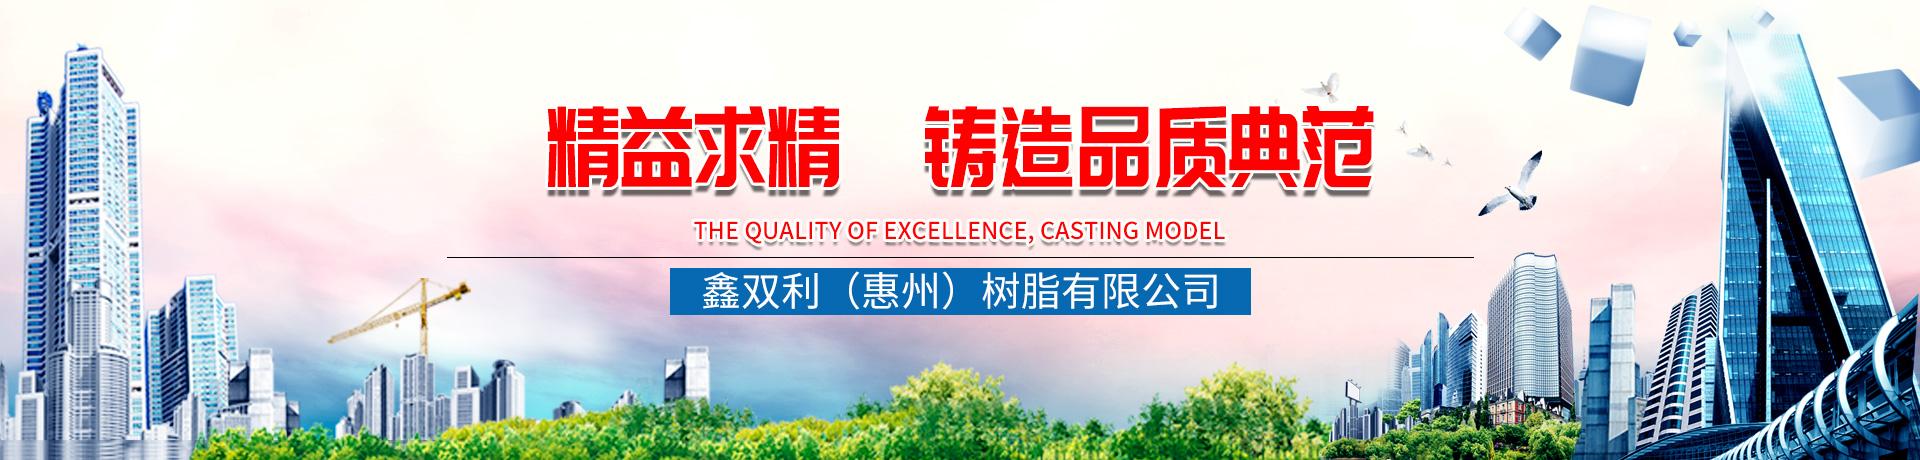 鑫双利(惠州)树脂有限公司